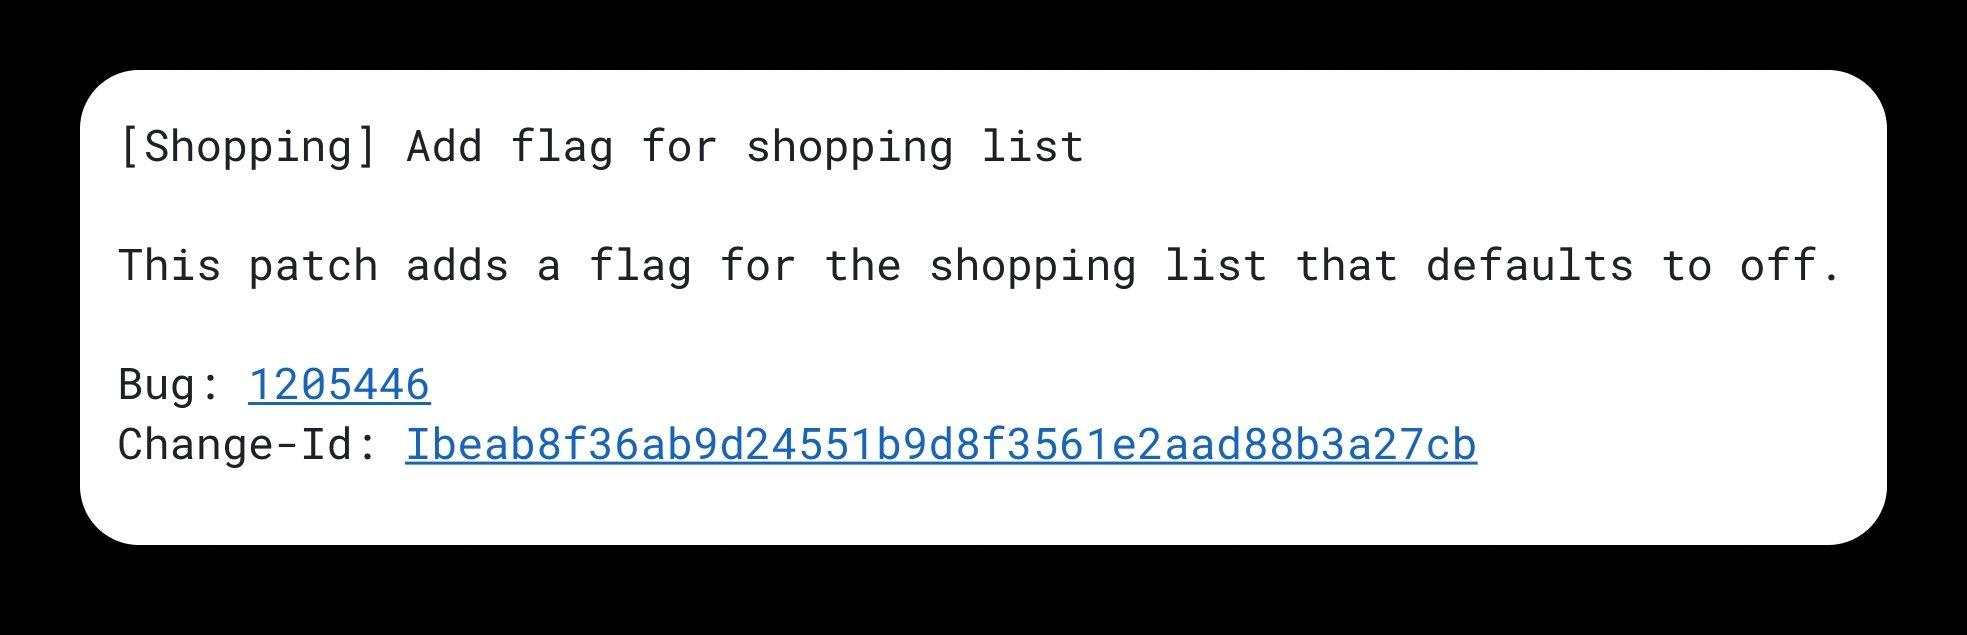 codigo da funcionalidade do chrome sobre descontos em compras onlinne